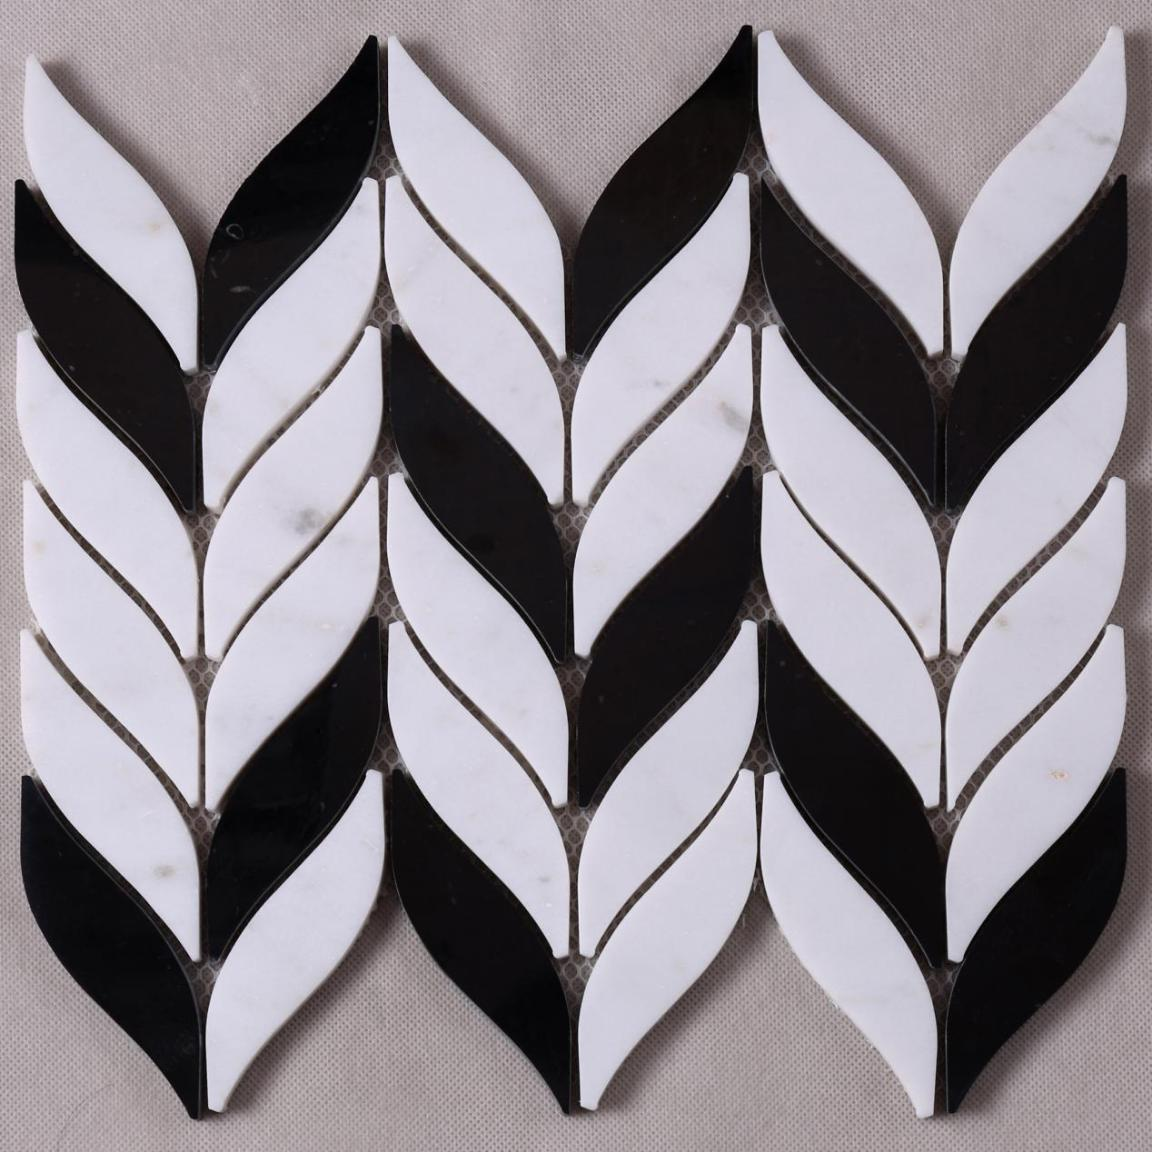 Heng Xing-Custom Marble Backsplash Manufacturer, Pebble Stone Mosaic Tile   Heng Xing